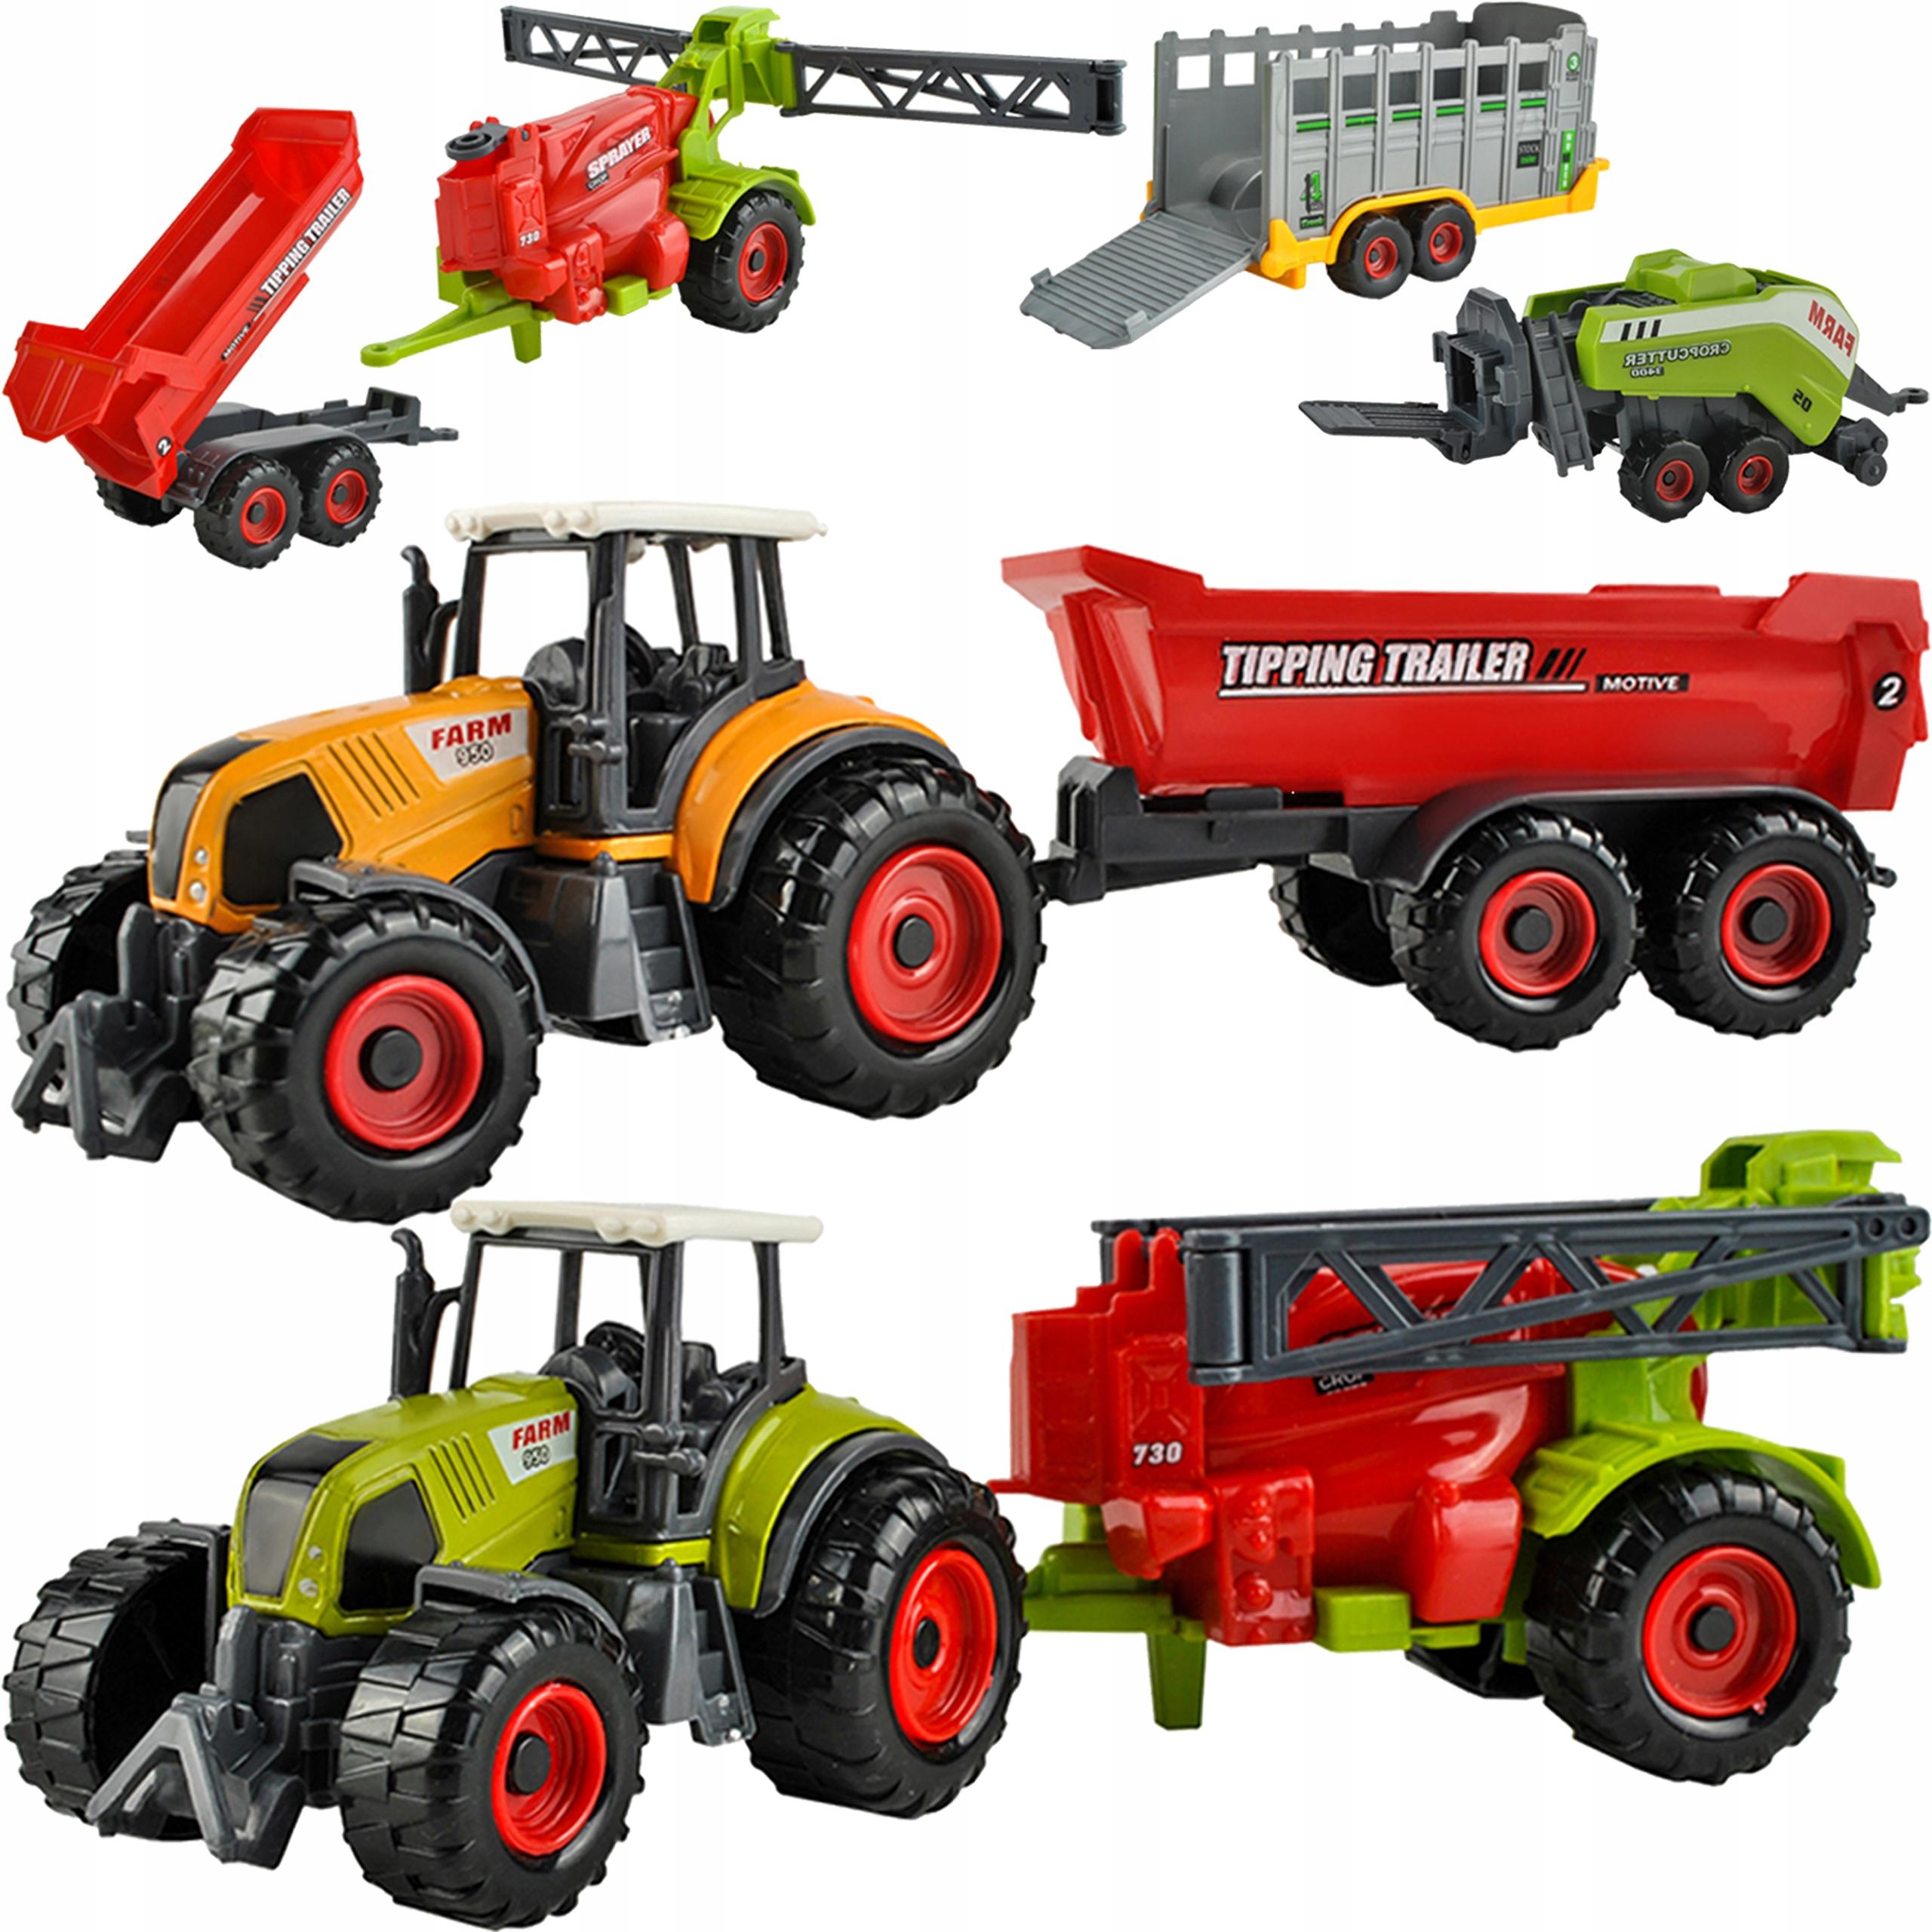 Zestaw 2 Traktory 4 maszyny rolnicze Traktor Metal